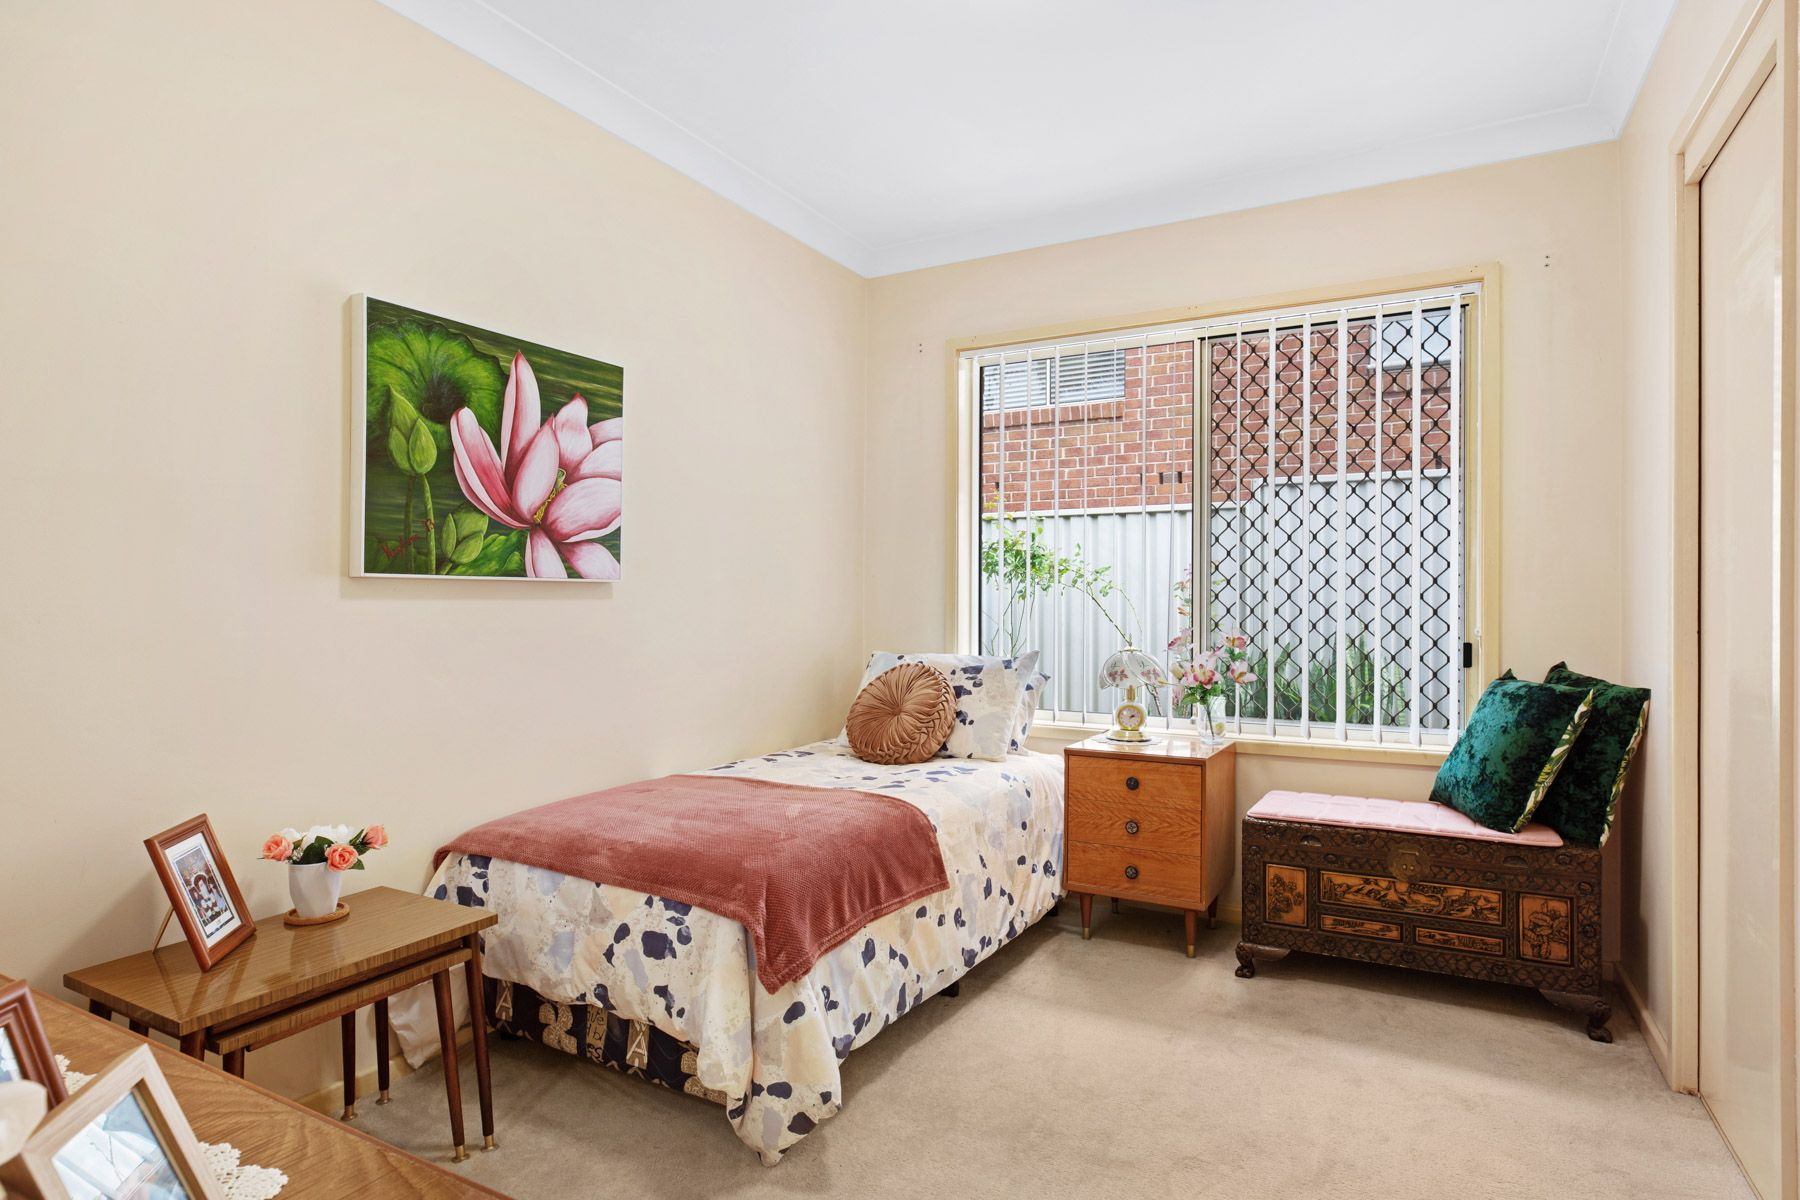 2/9 Herd Street, Mount Hutton, NSW 2290